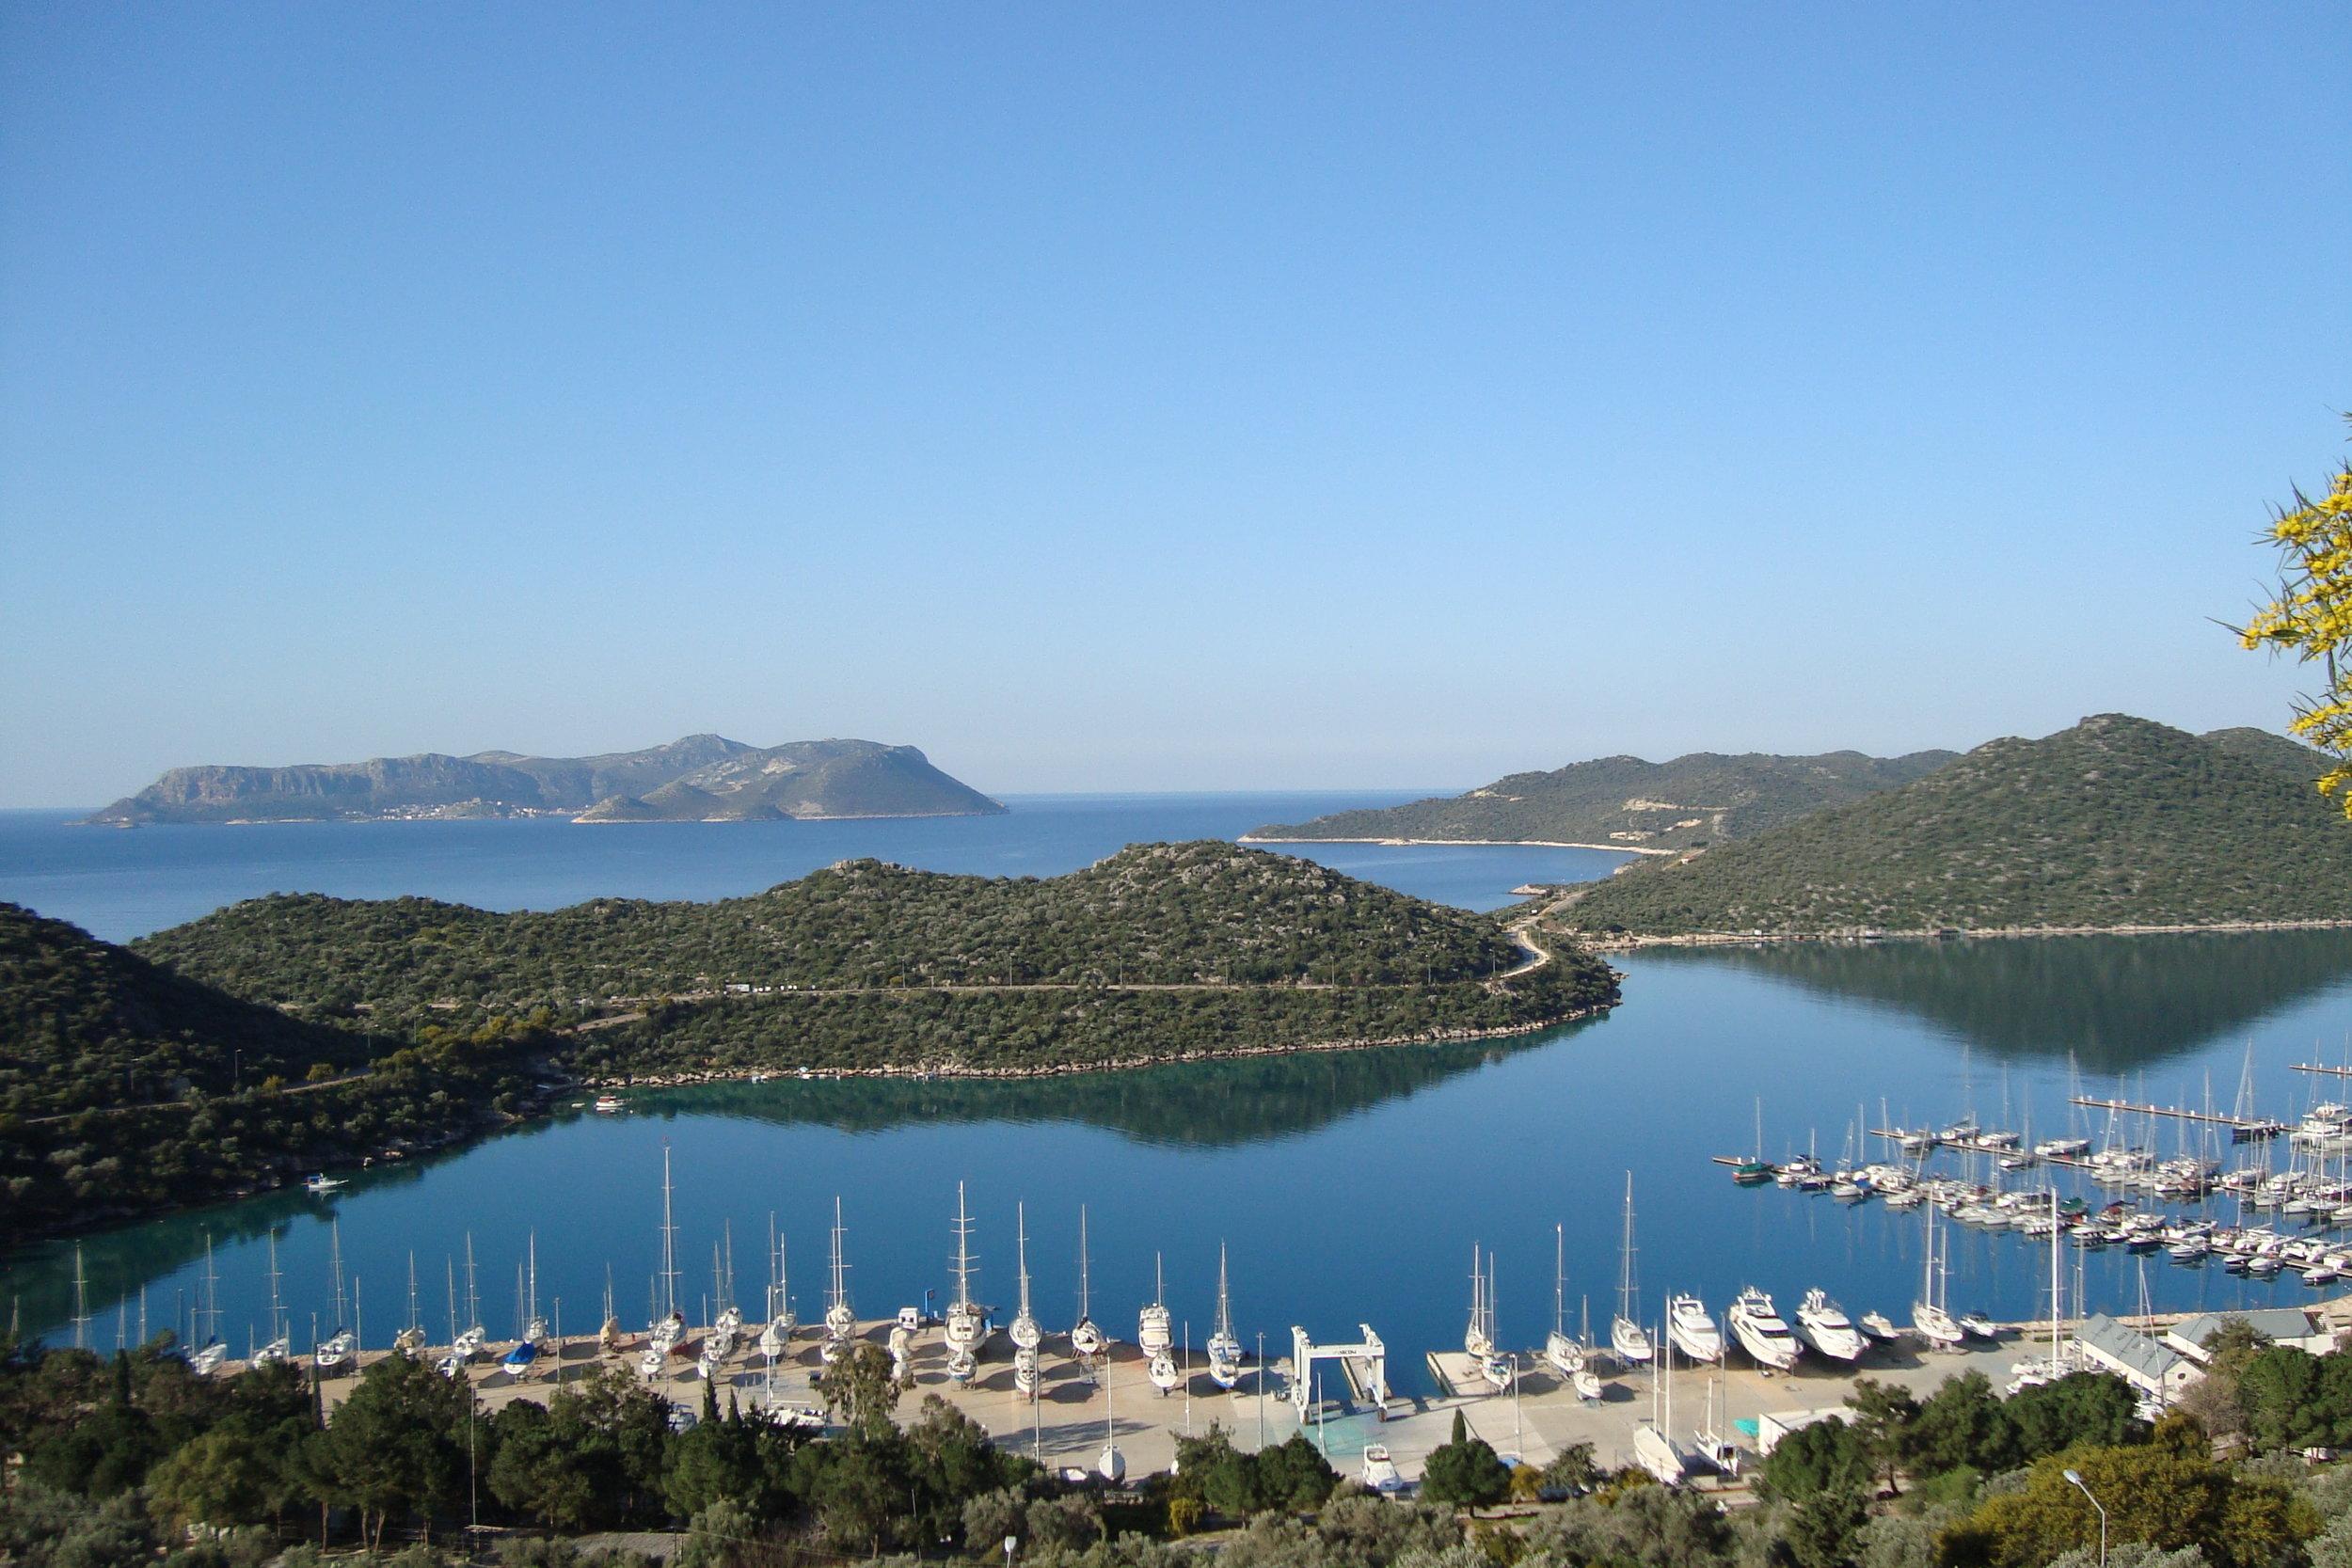 Vista di Castellorizo dalla costa turca